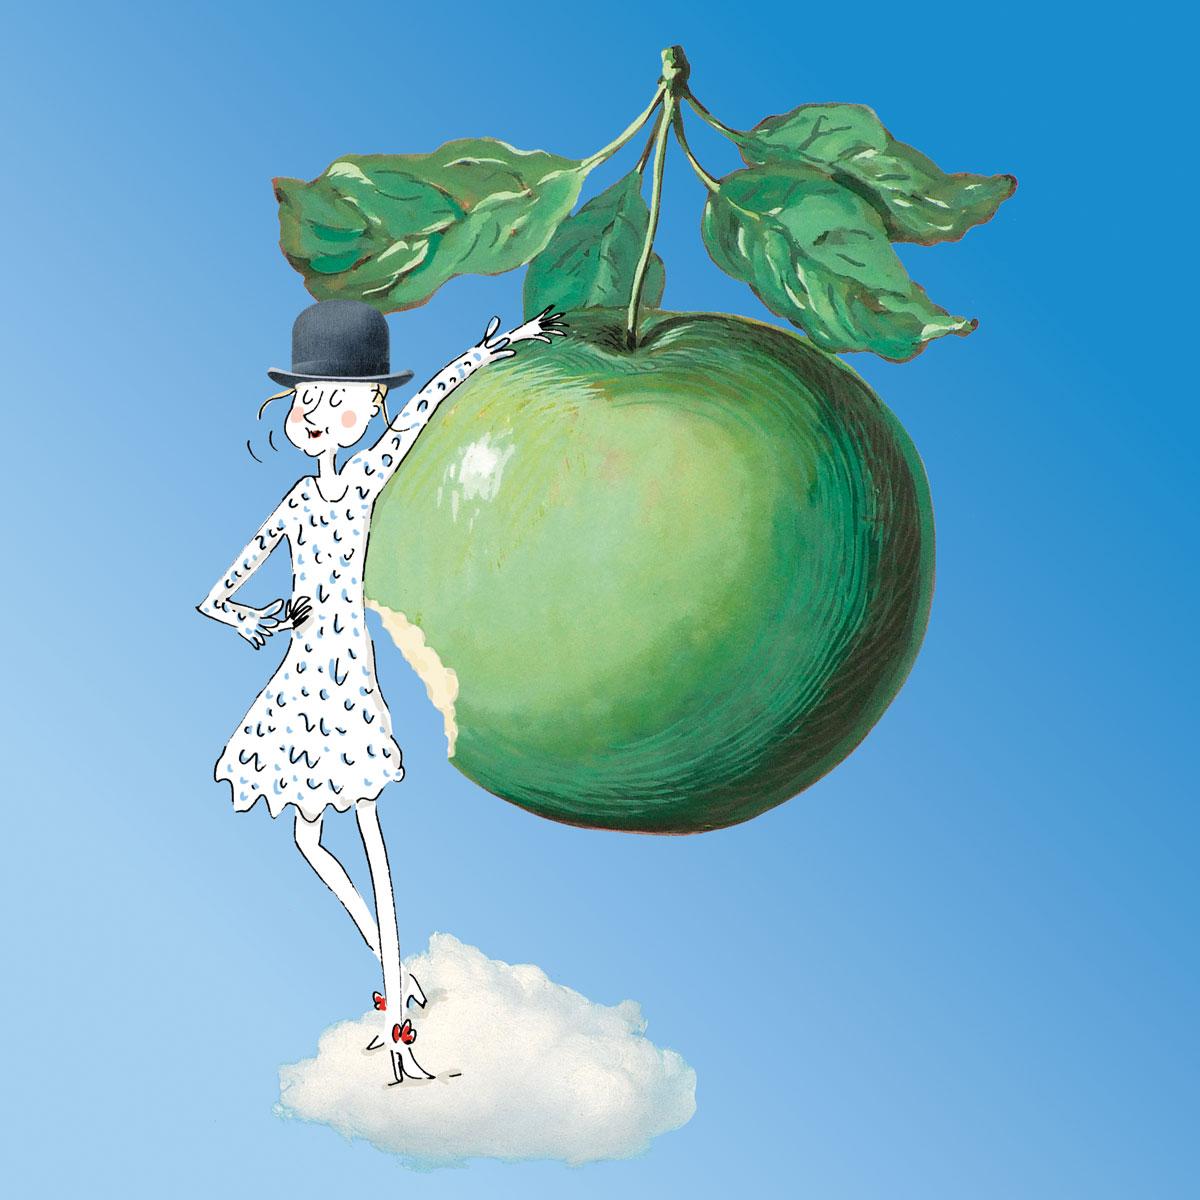 Détail-Magritte.jpg